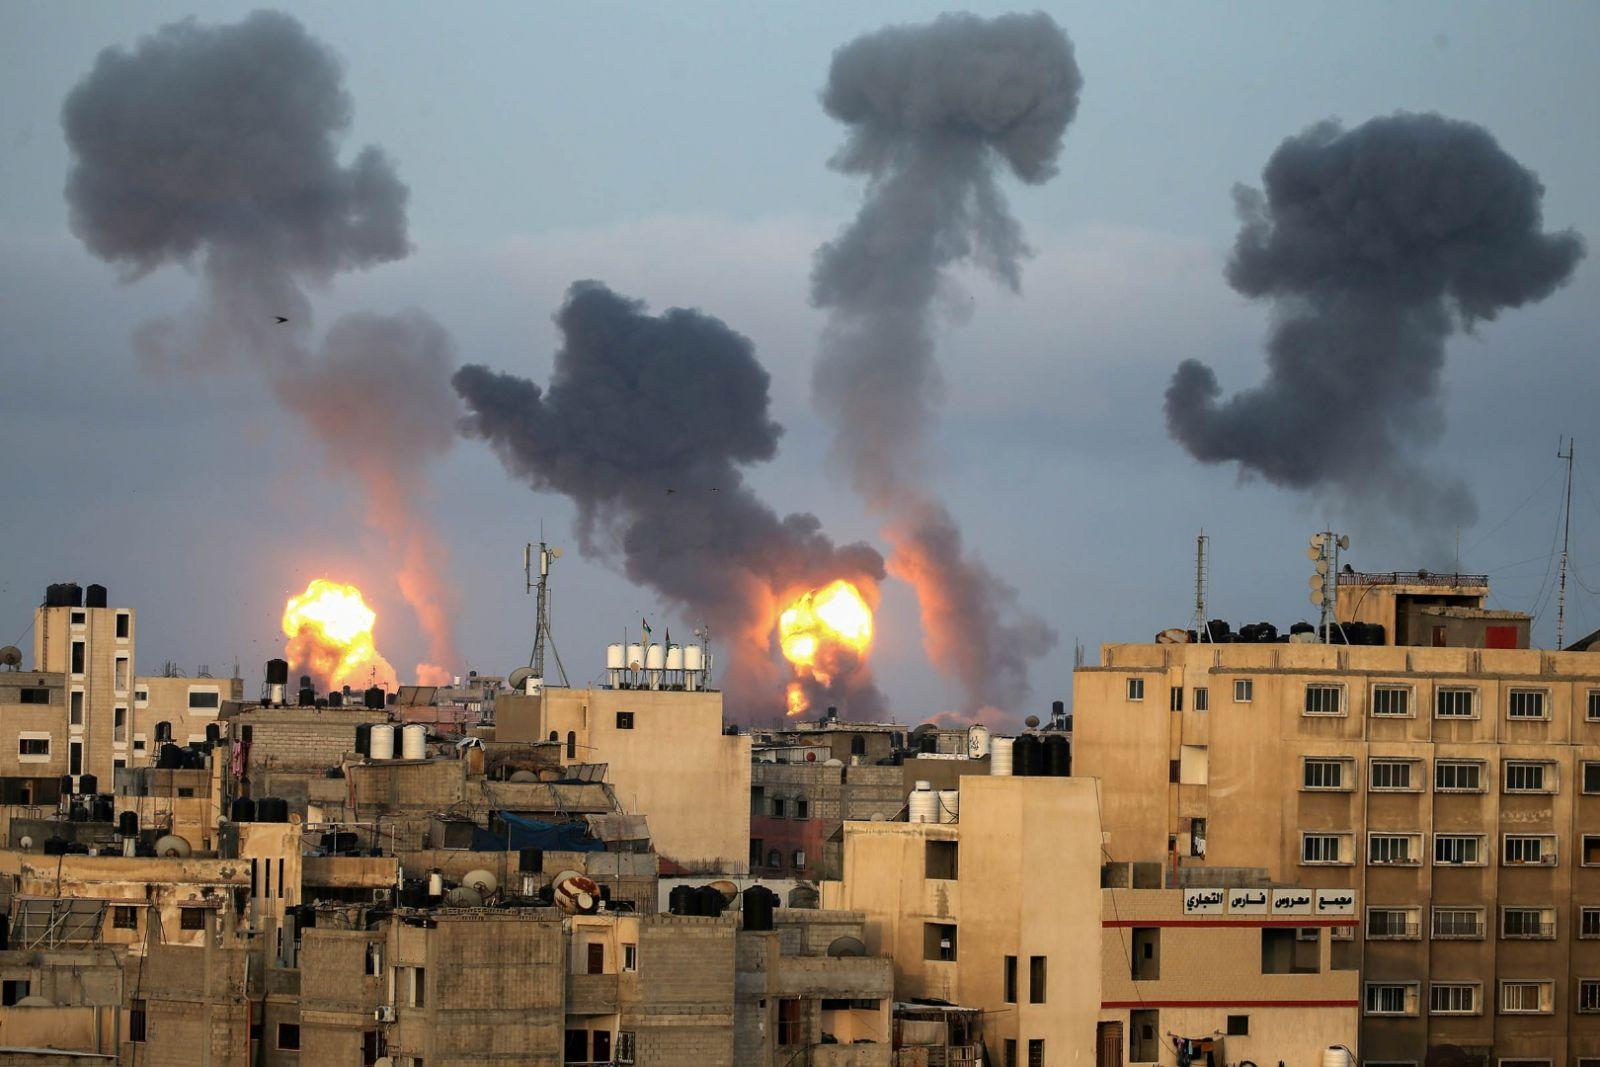 Operasi Militer Israel di Depan Mata, Mesir Mundur, Gaza Bakal...